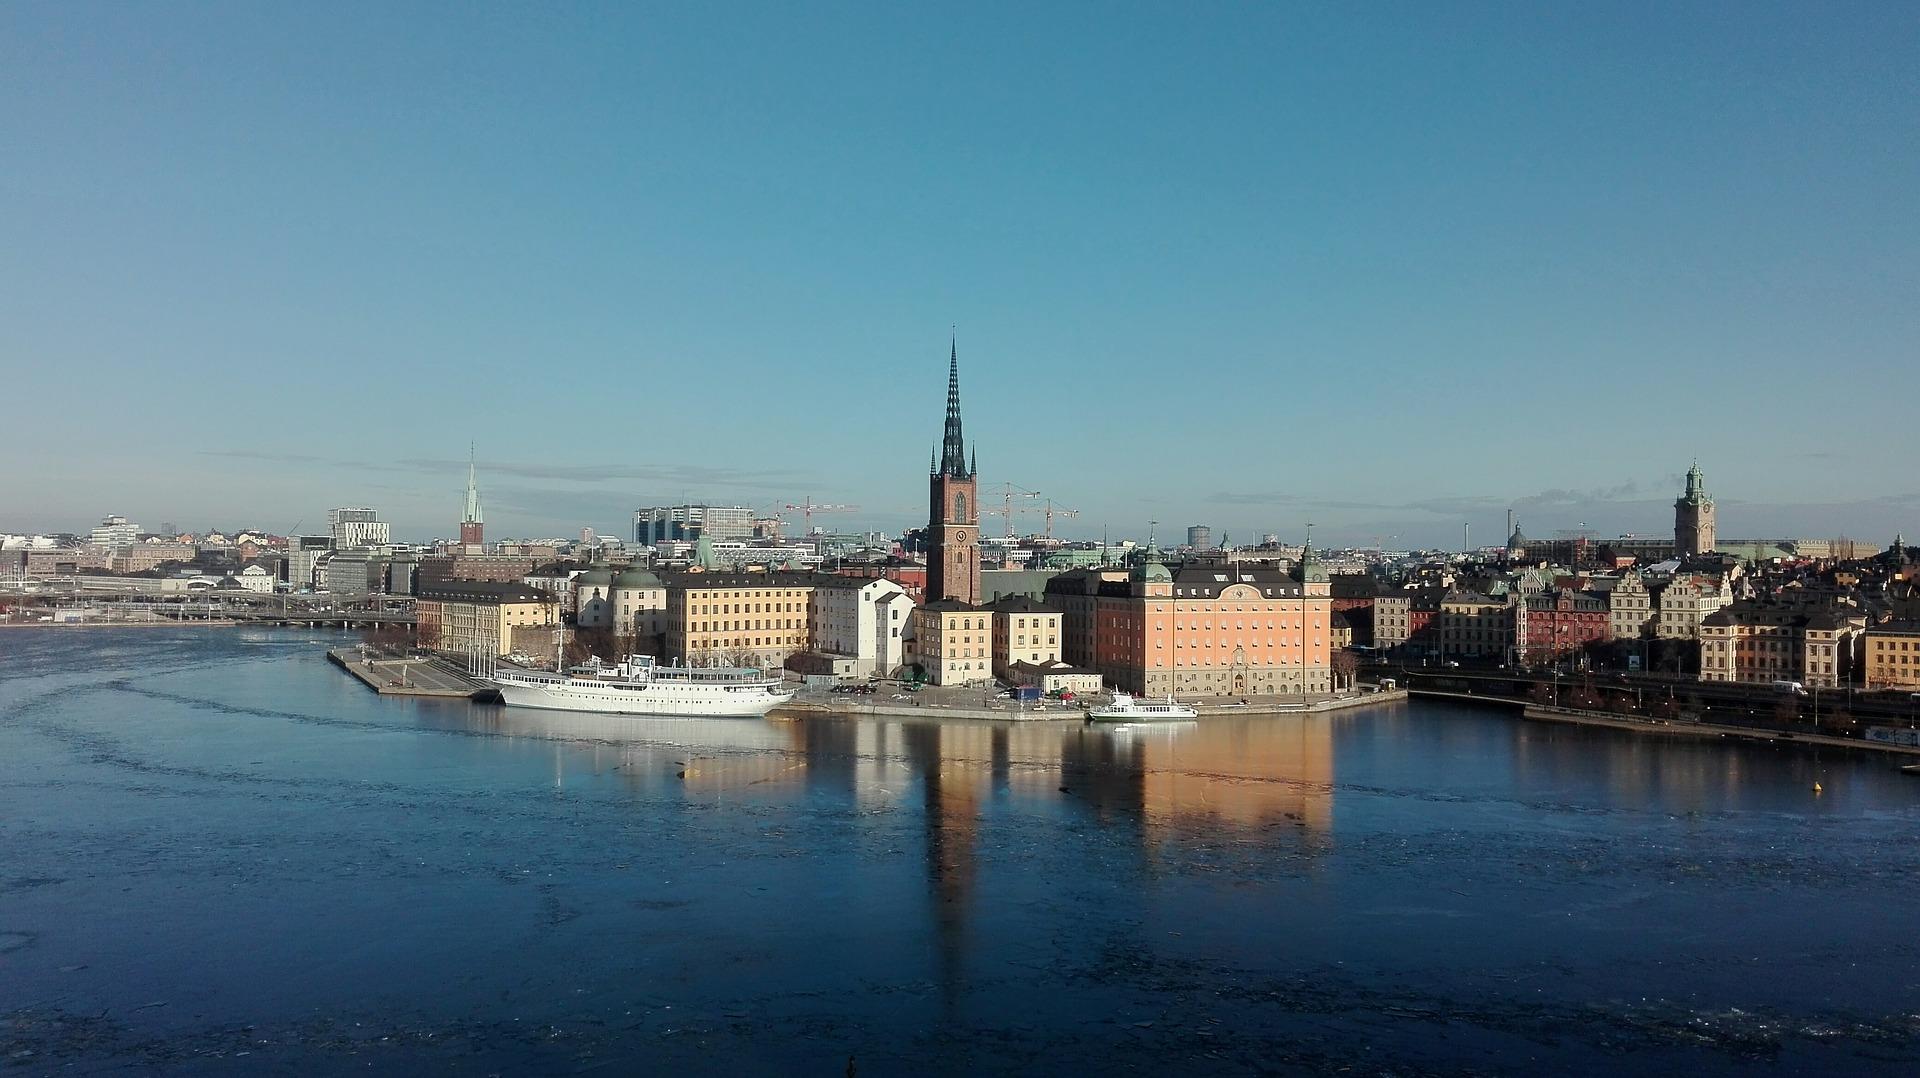 Just nu är jag i: Stockholm